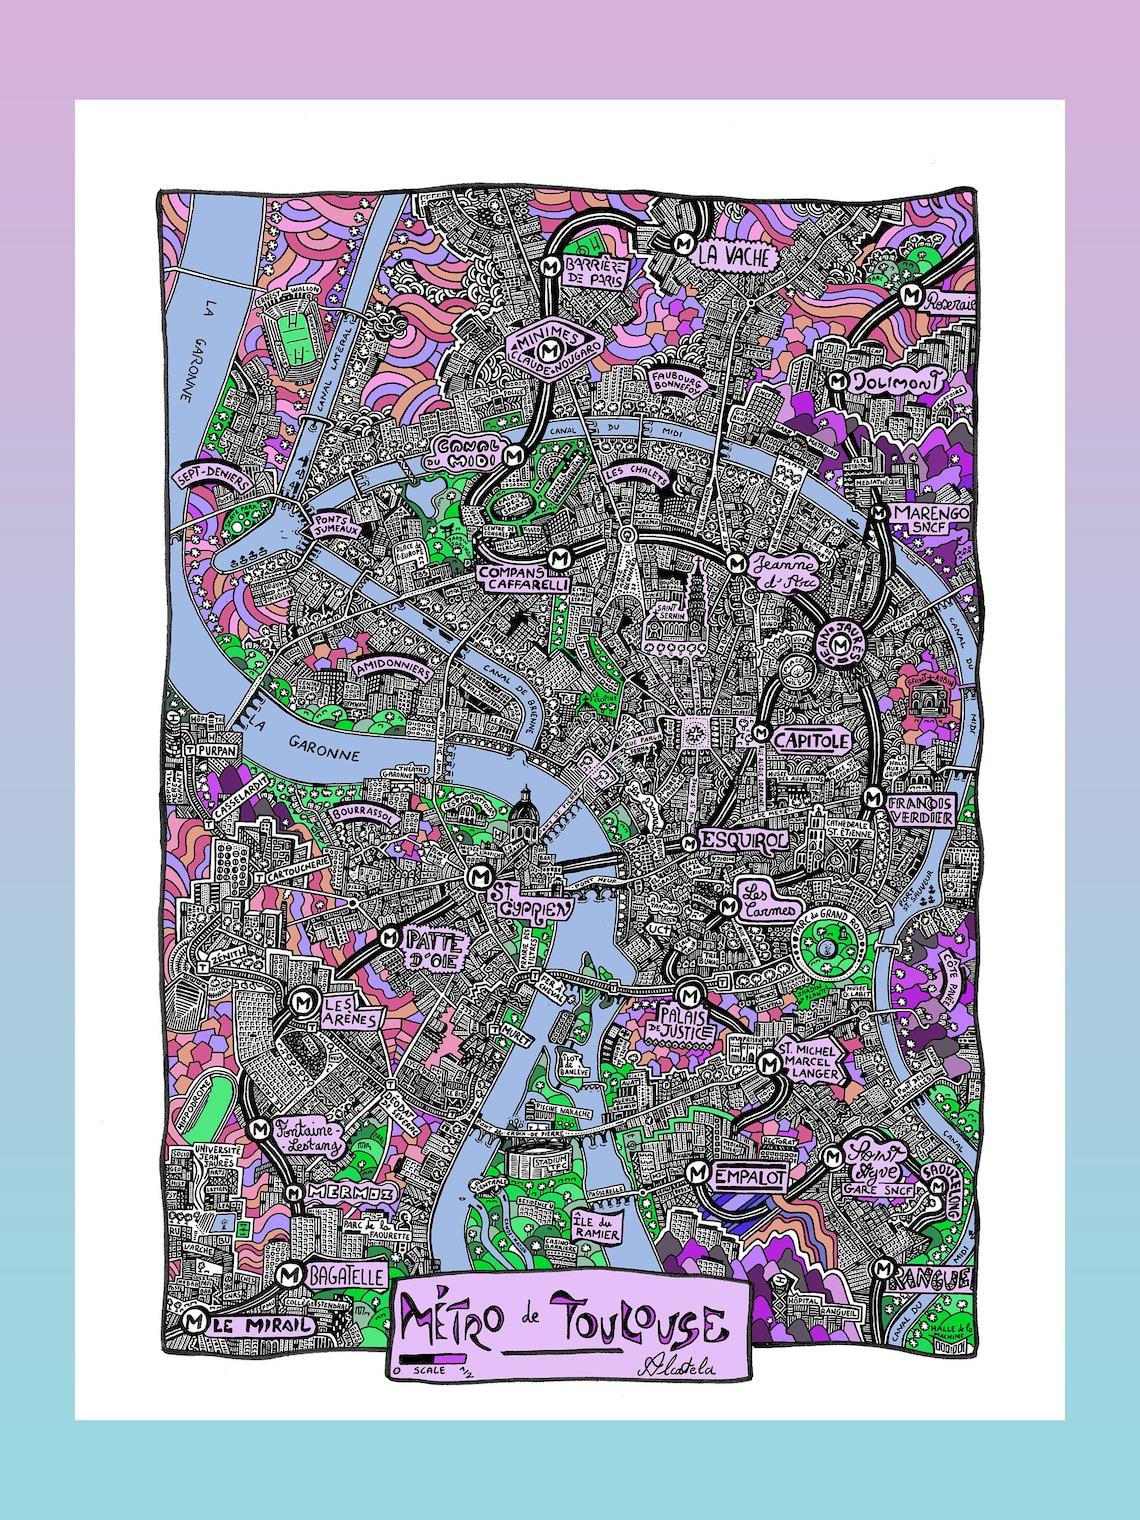 Métro de Toulouse  Affiche Image 0